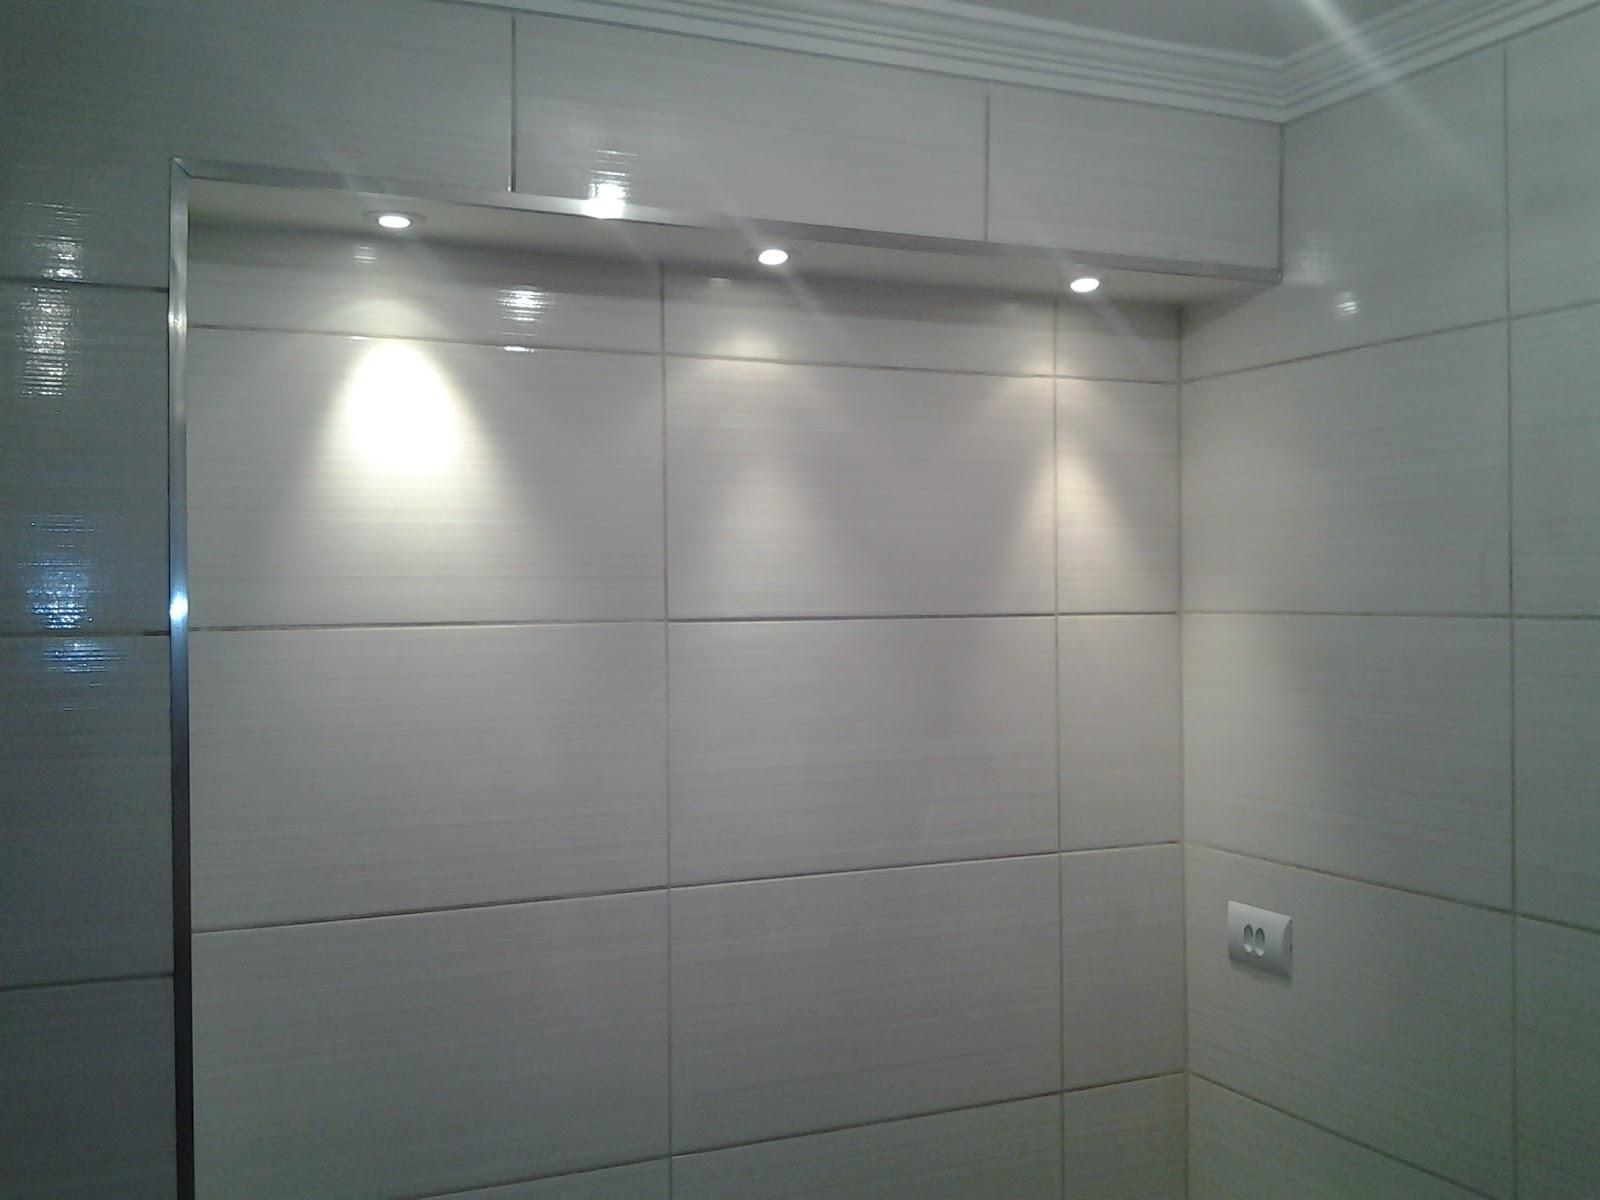 Acabamento em Banheiro com caixa de gesso para iluminação de espelho  #455258 1600x1200 Banheiro Acabamento